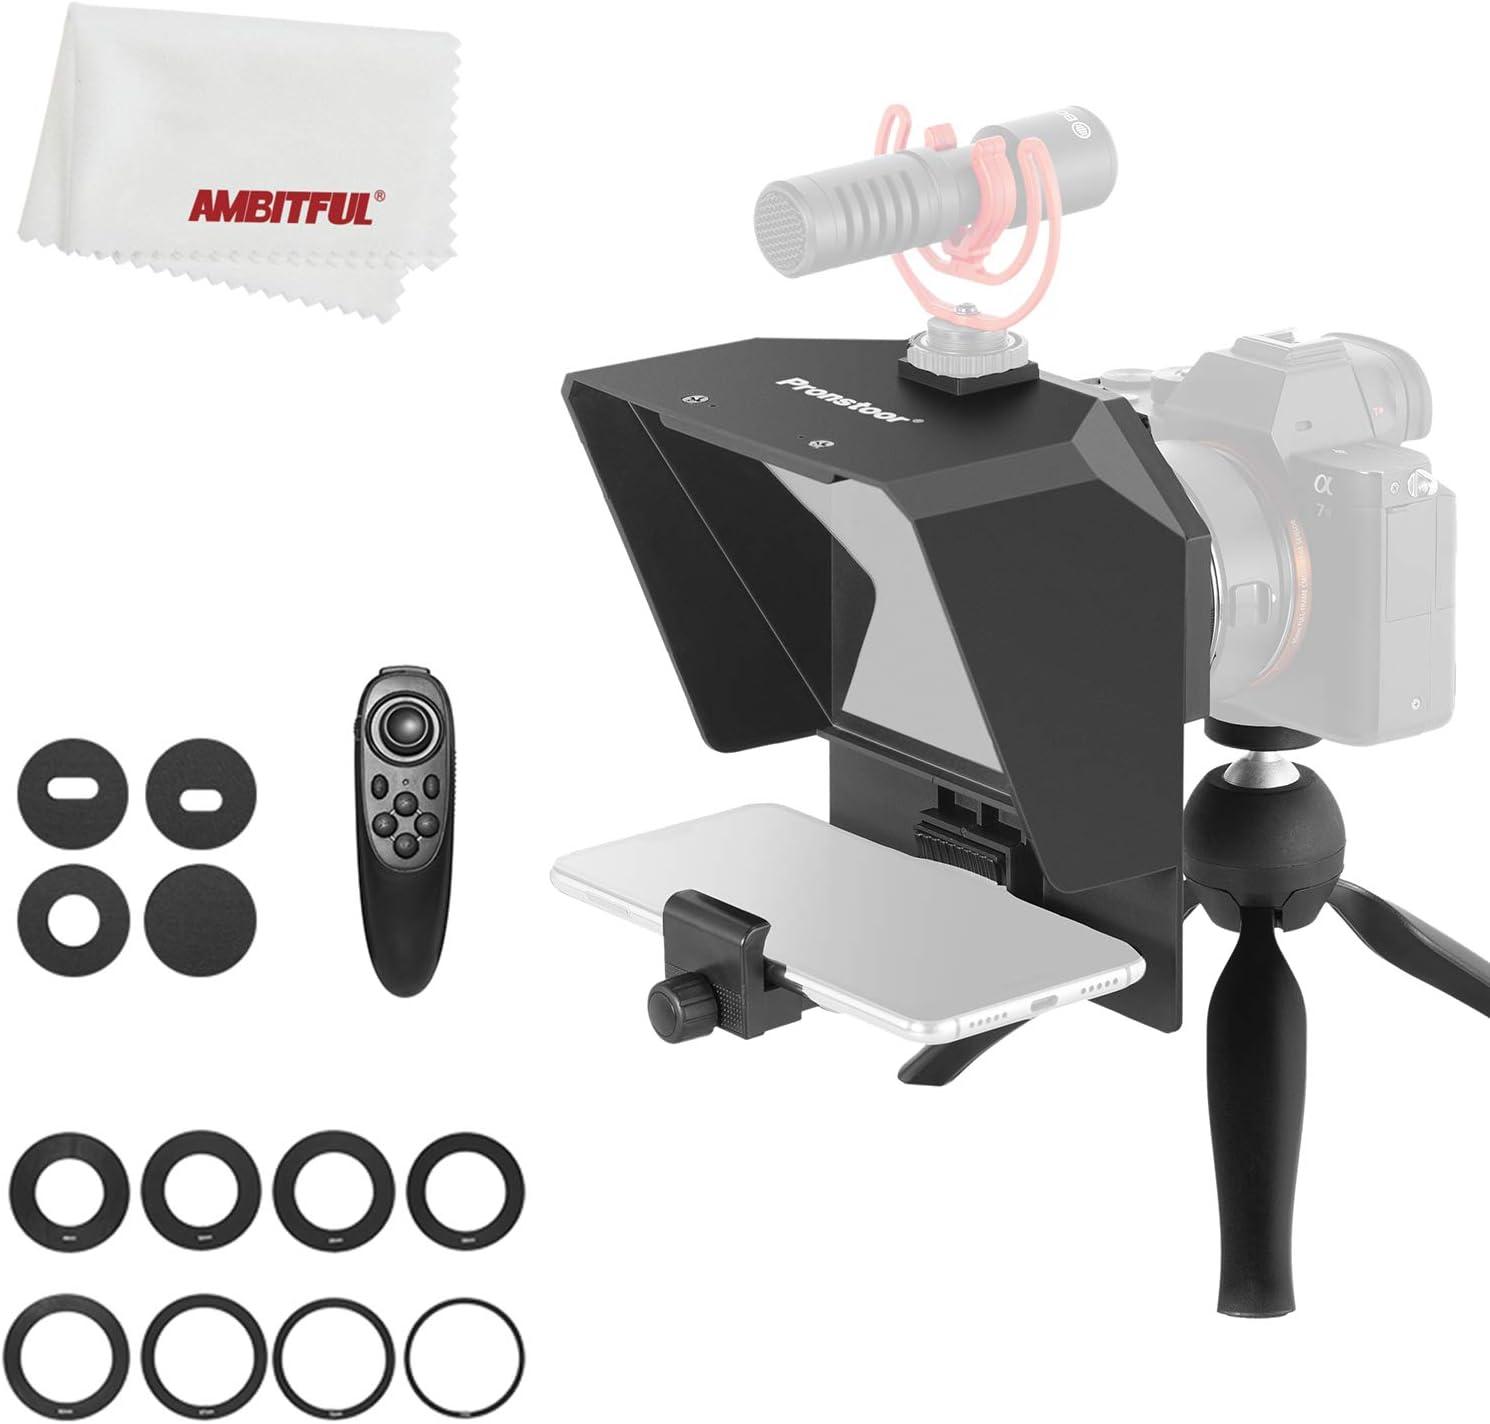 AMBITFUL Teleprompter Kit portátil Inscriber Teléfono Móvil Teleprompter Artefacto Video con mando a distancia para grabación de teléfono y DSLR (Mini Teleprompter+Mini Trípode)